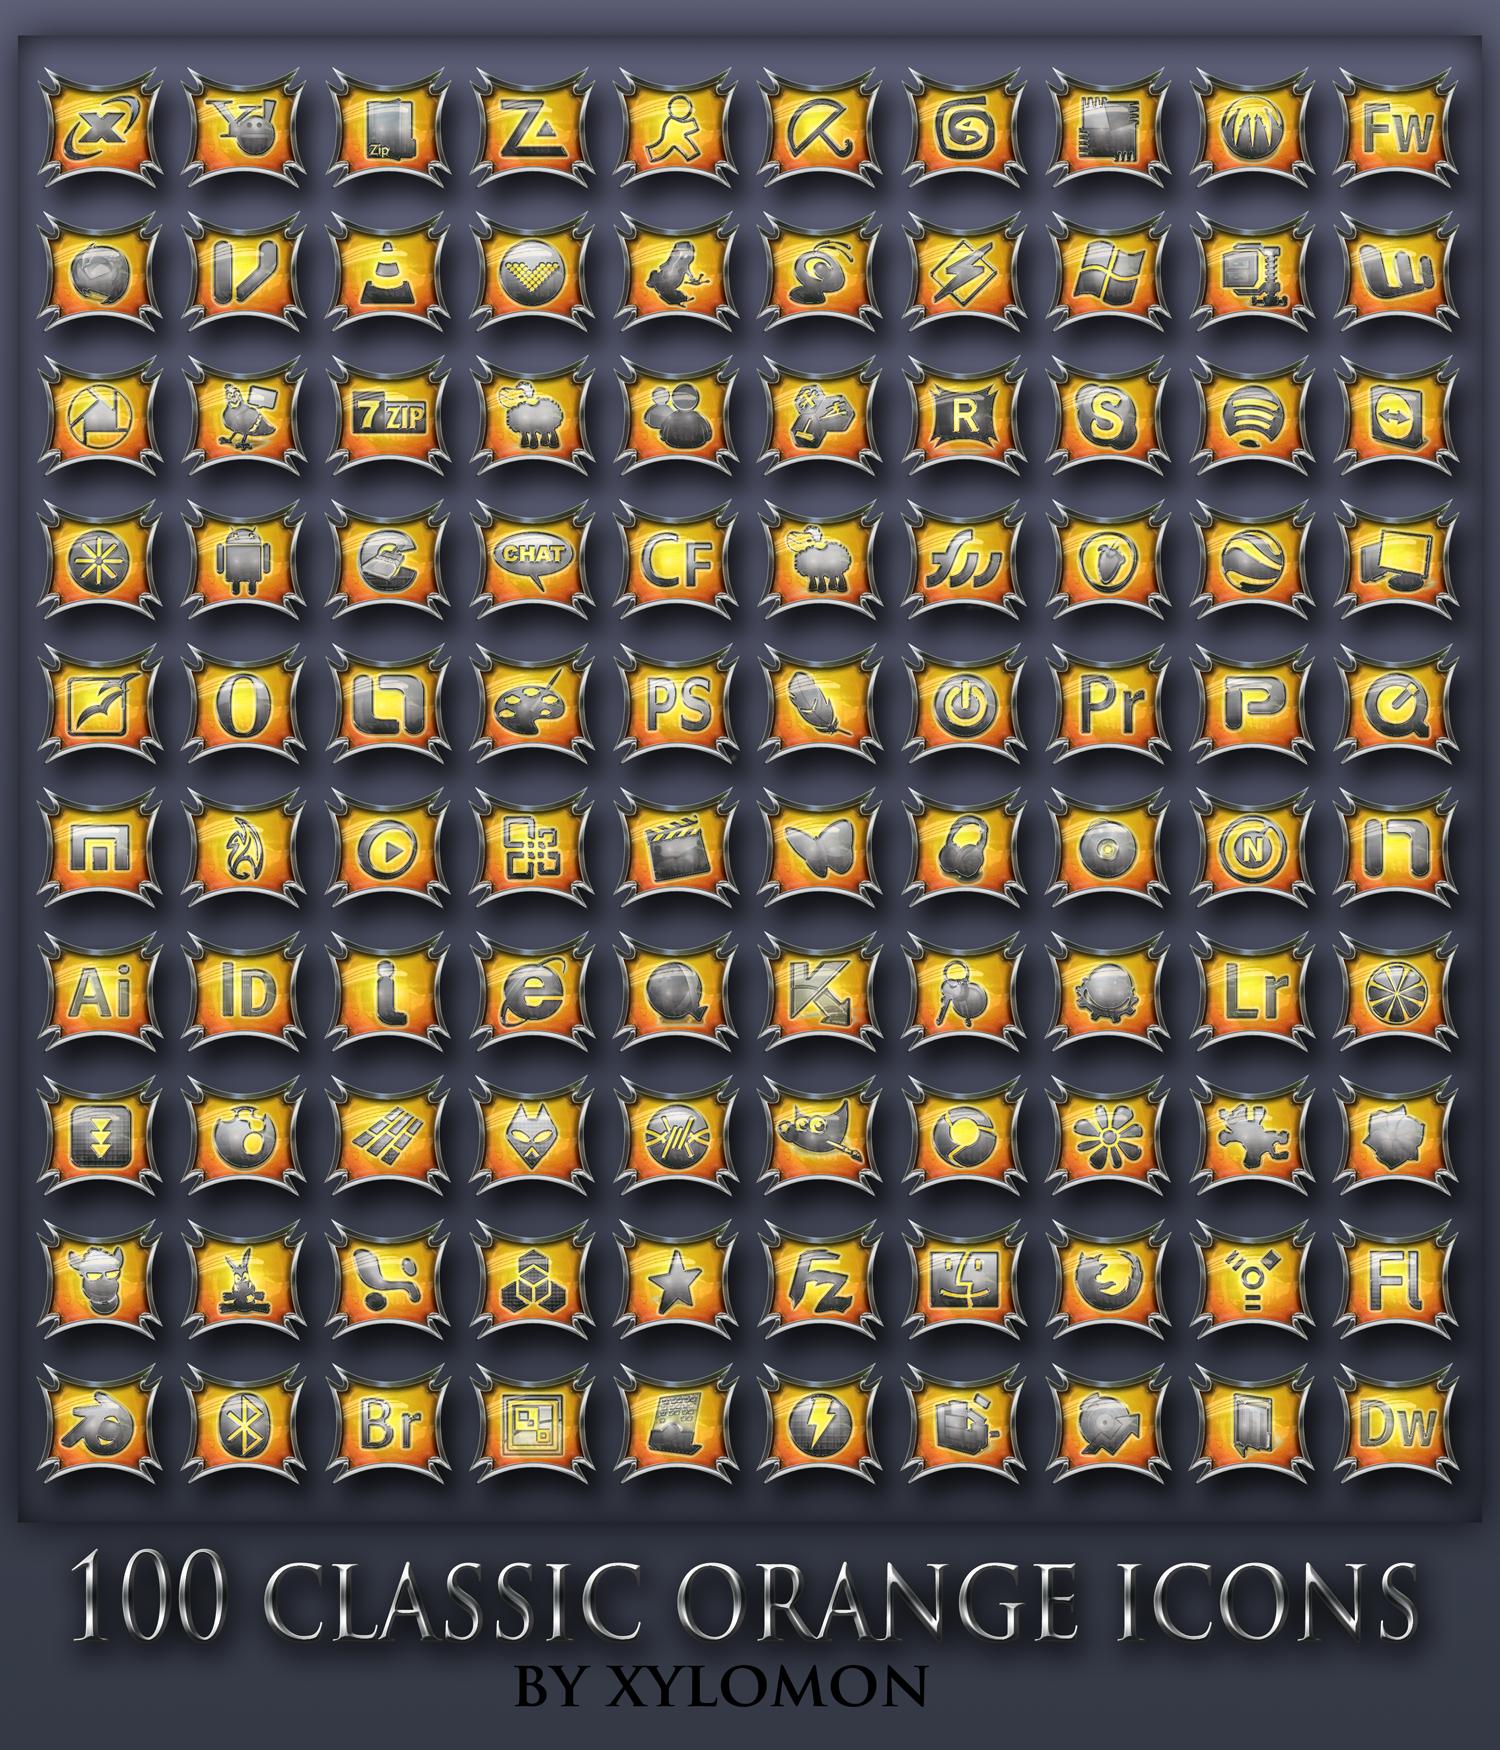 classic orange icons by xylomon